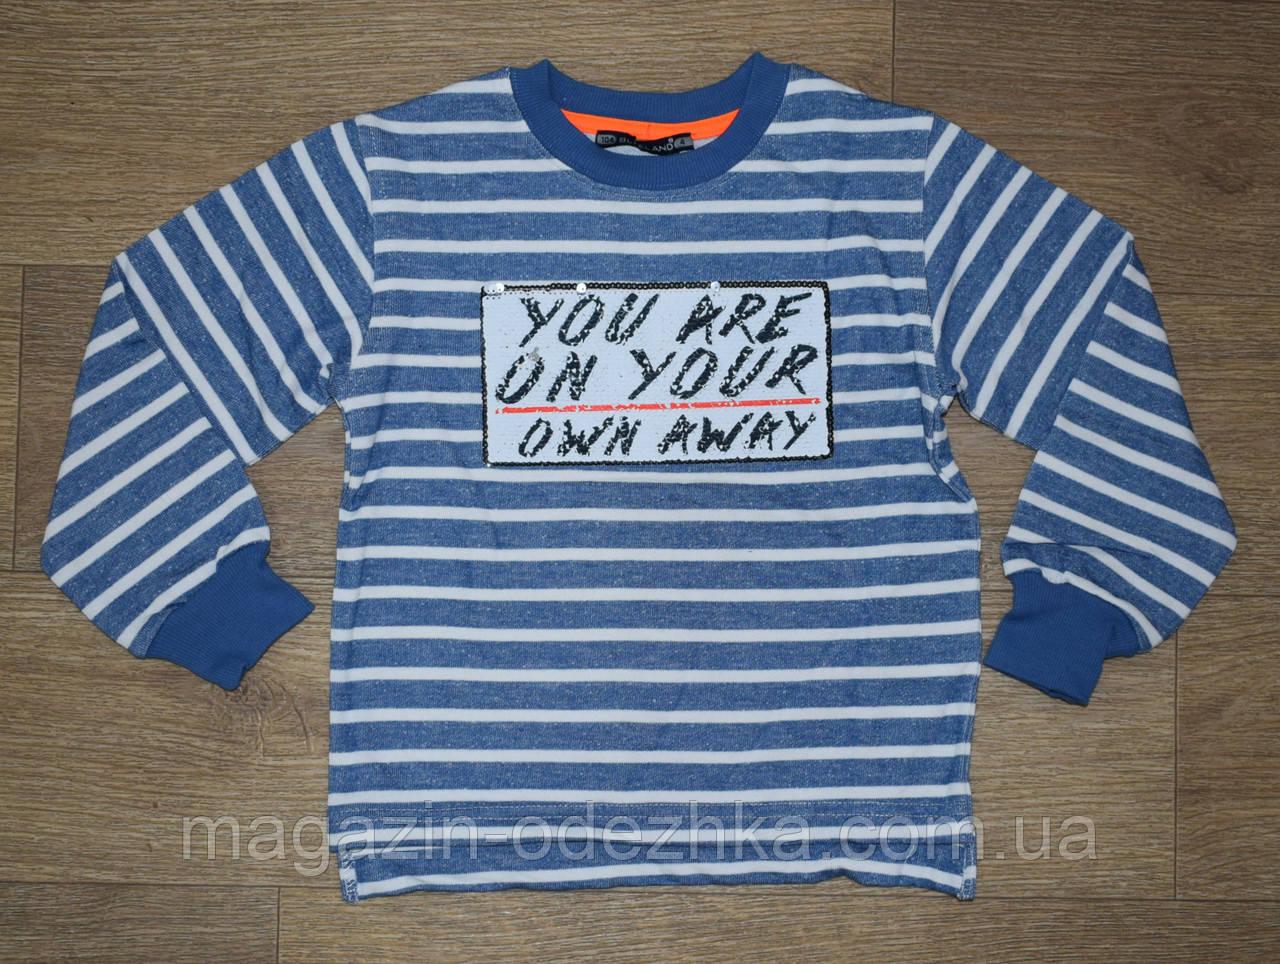 """Футболка для мальчика 86-92-98-104 рост """"Blueland """" Турция"""